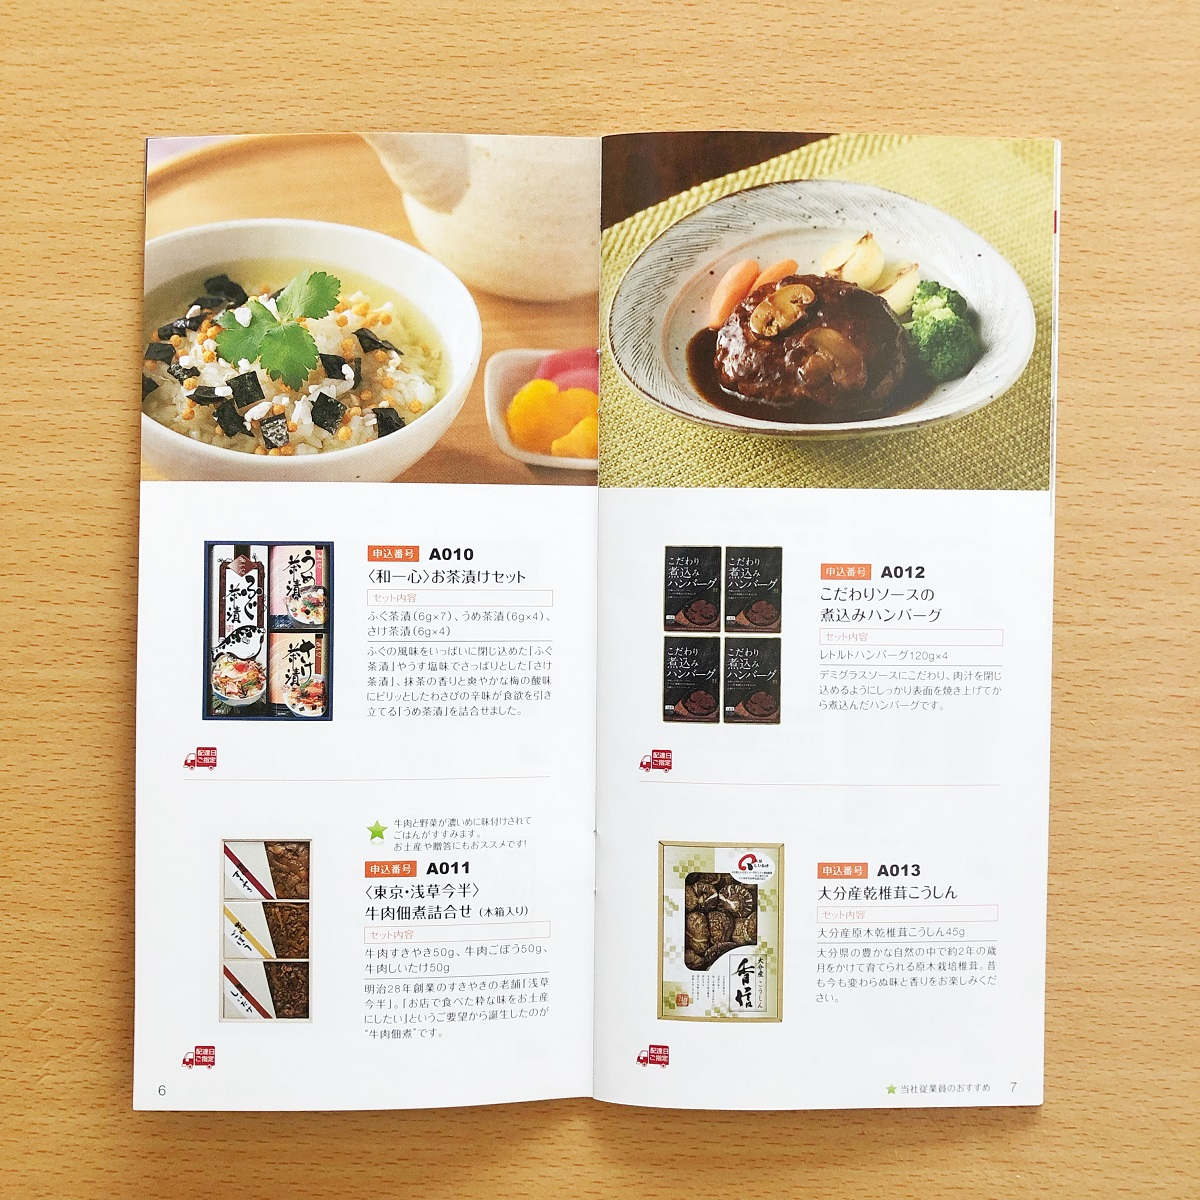 日本管財カタログ③ 株主優待 2019年9月 2,000円